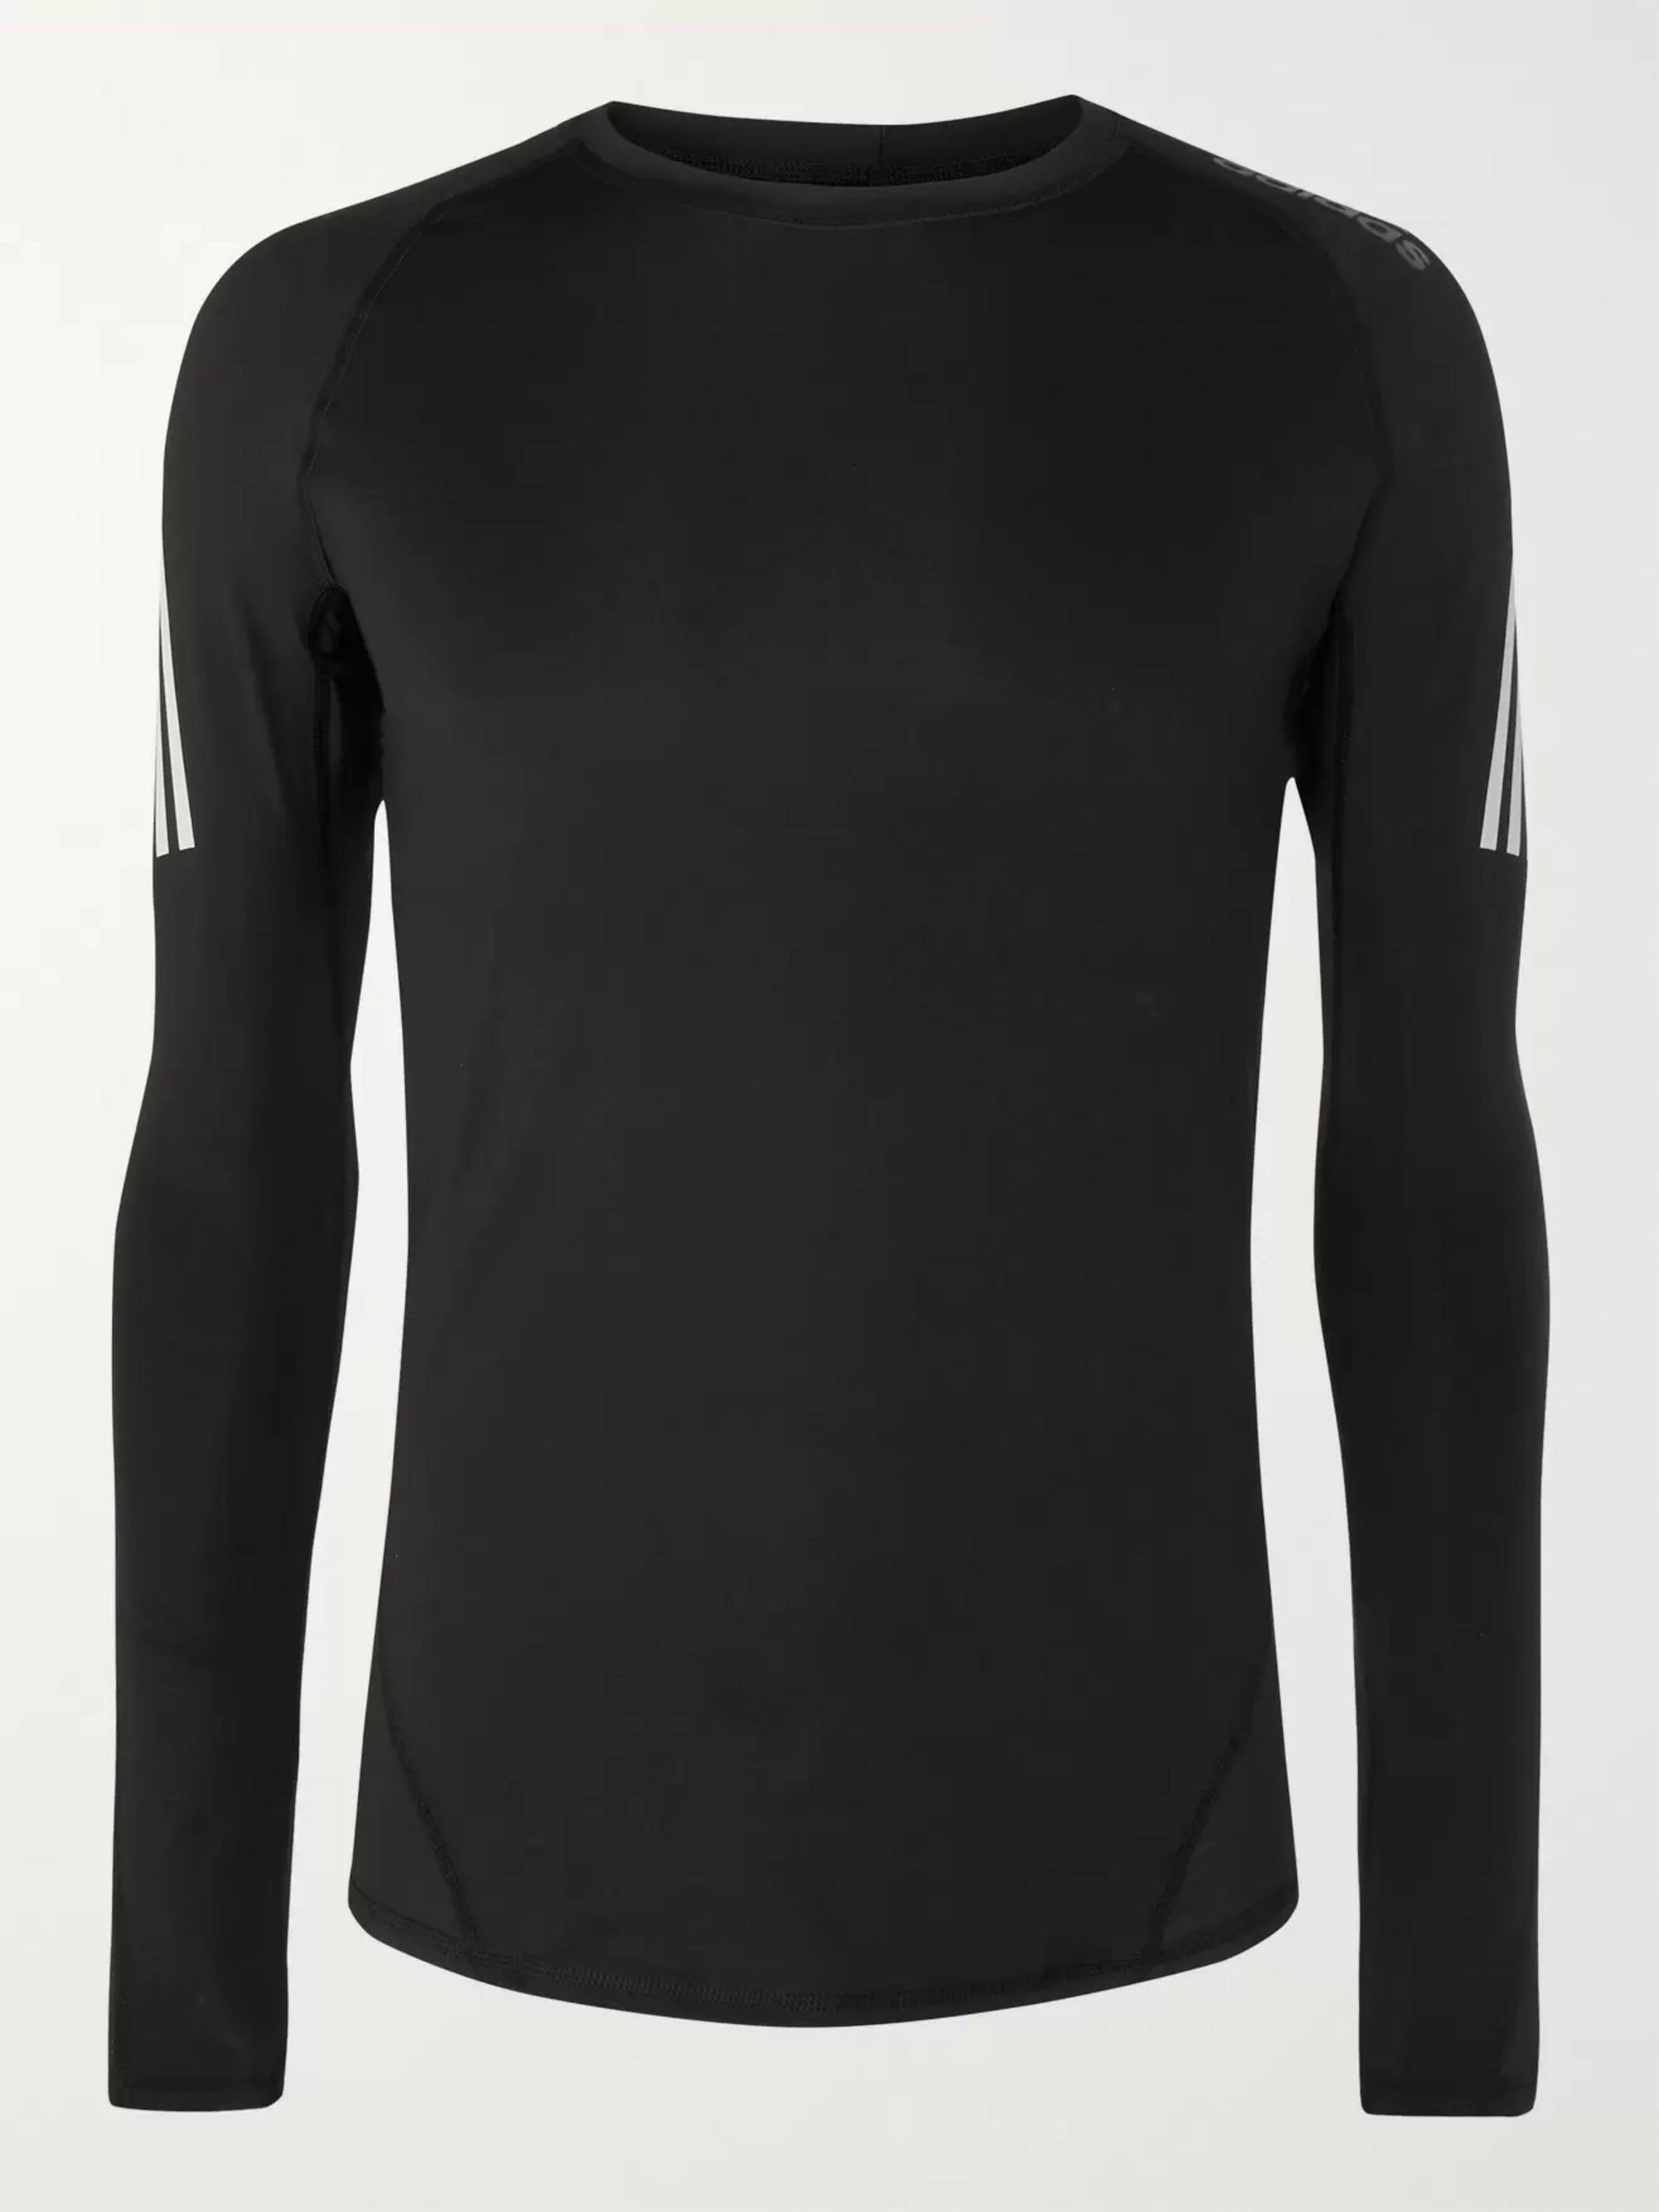 Alphaskin Tech Climalite T shirt